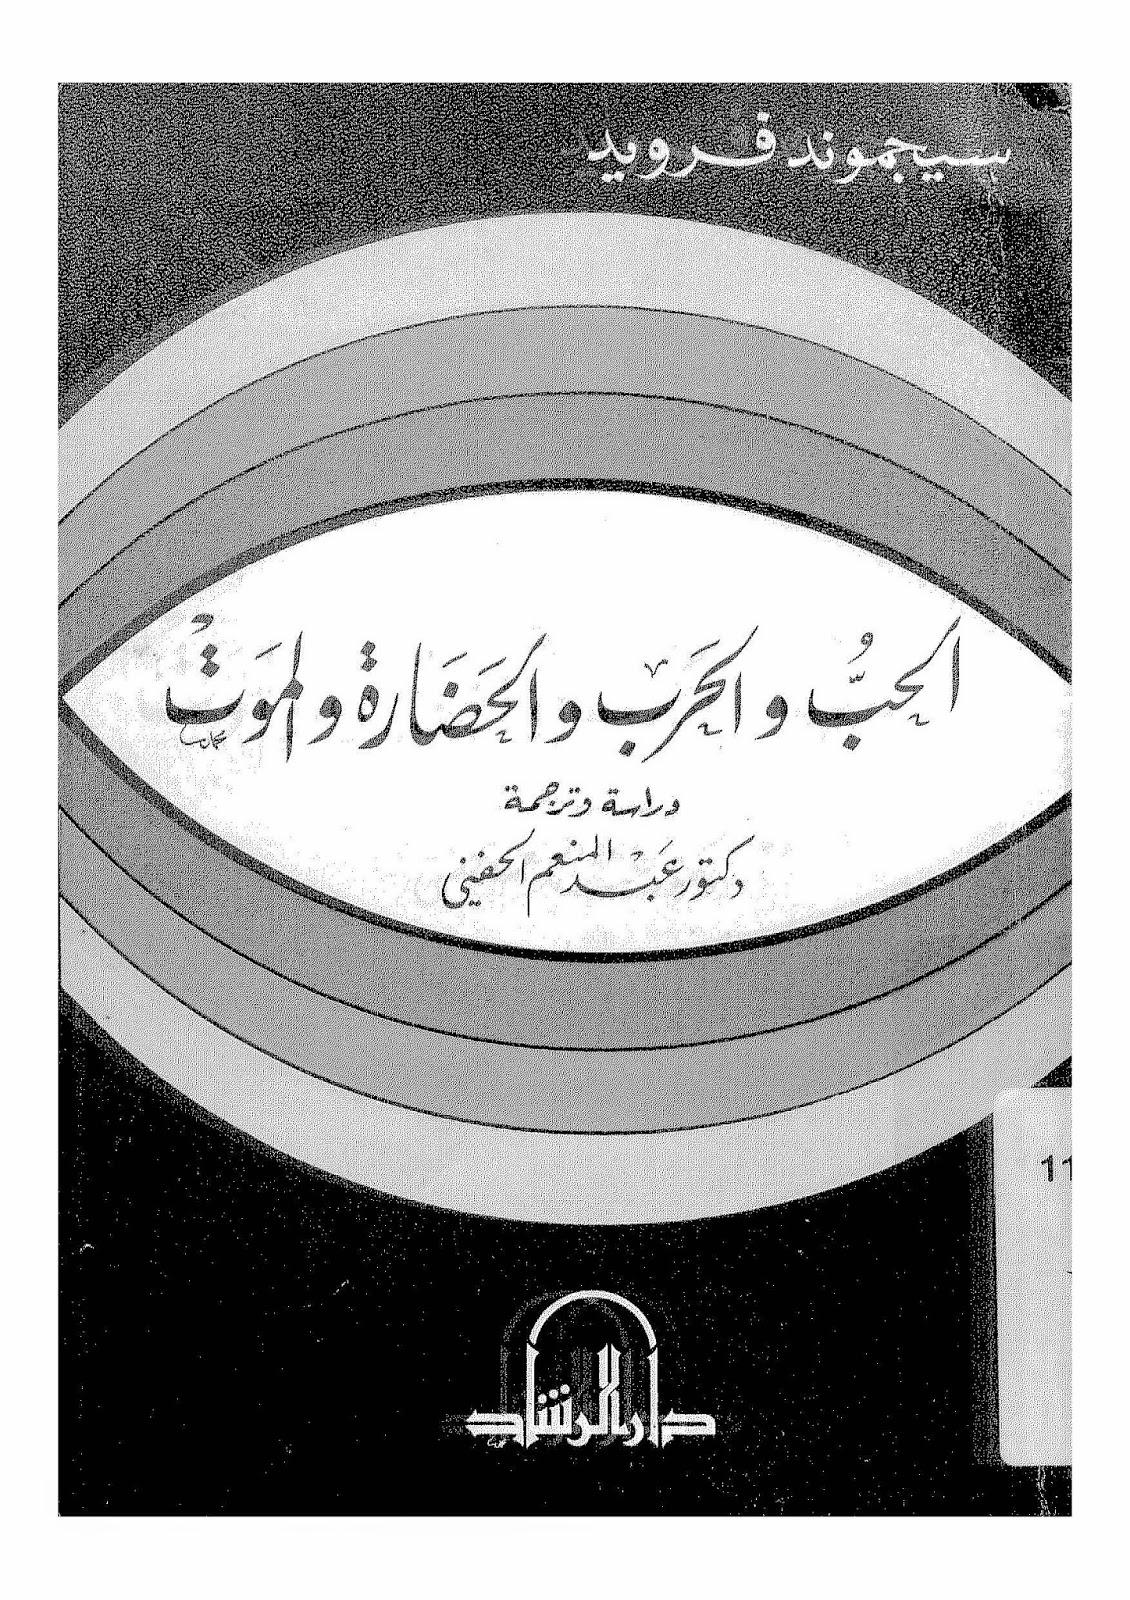 الحرب والحرب والحضارة والموت - سيجموند فرويد pdf